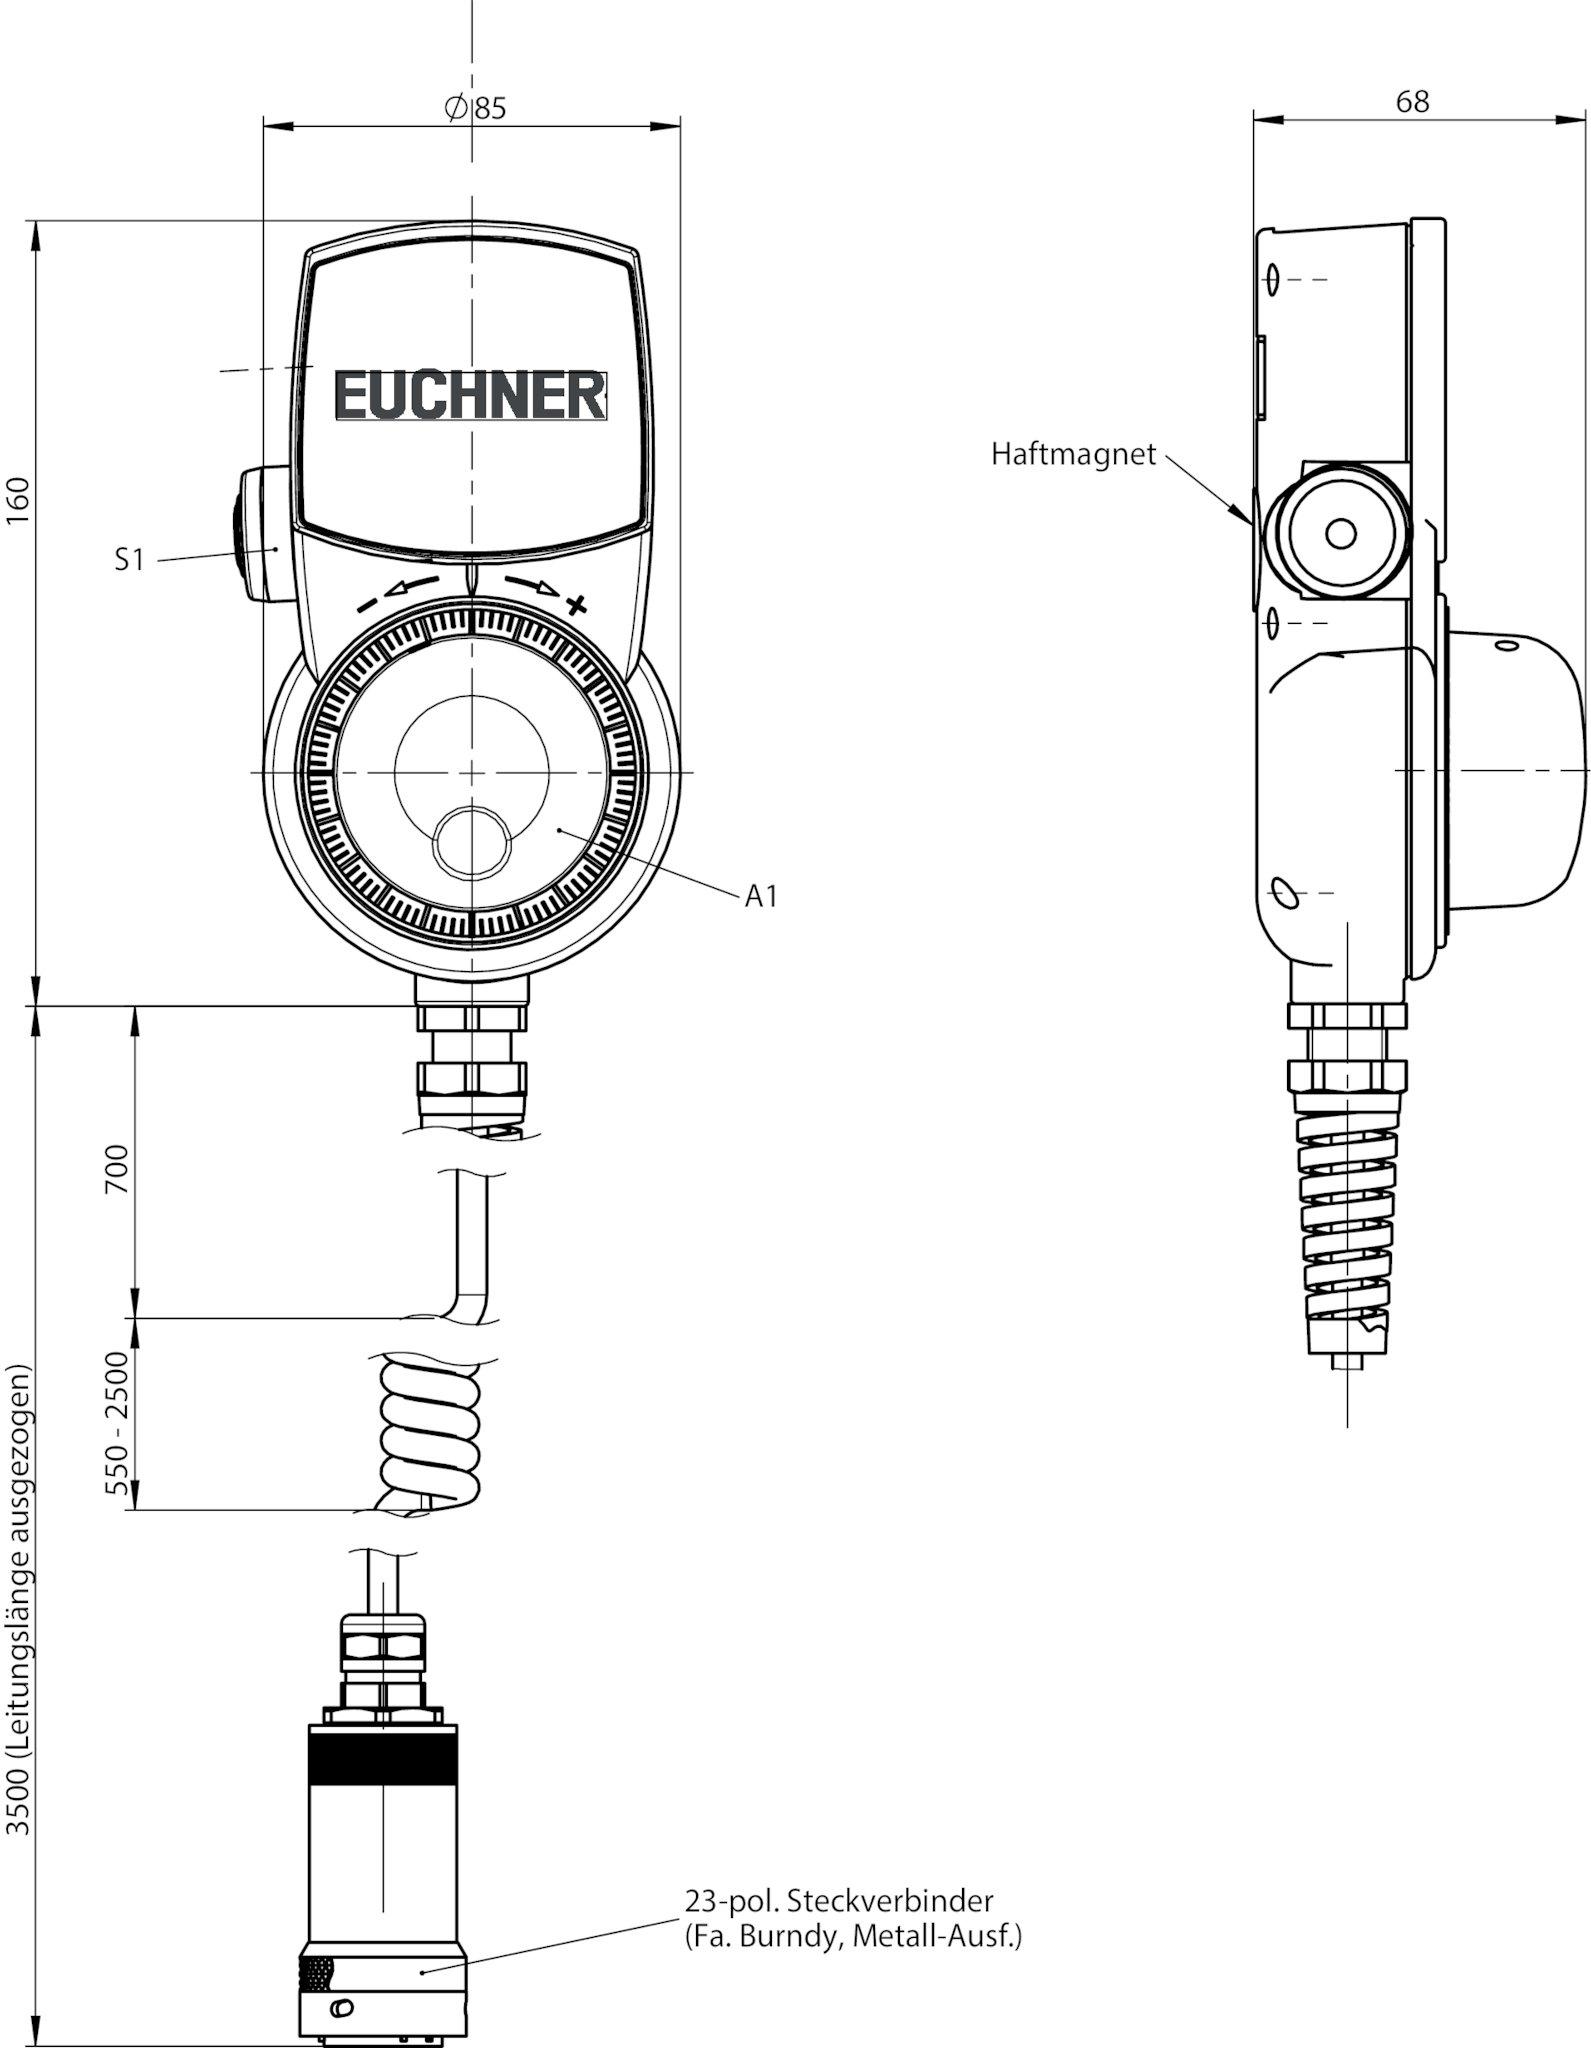 Original Euchner Hba Wiring Diagram